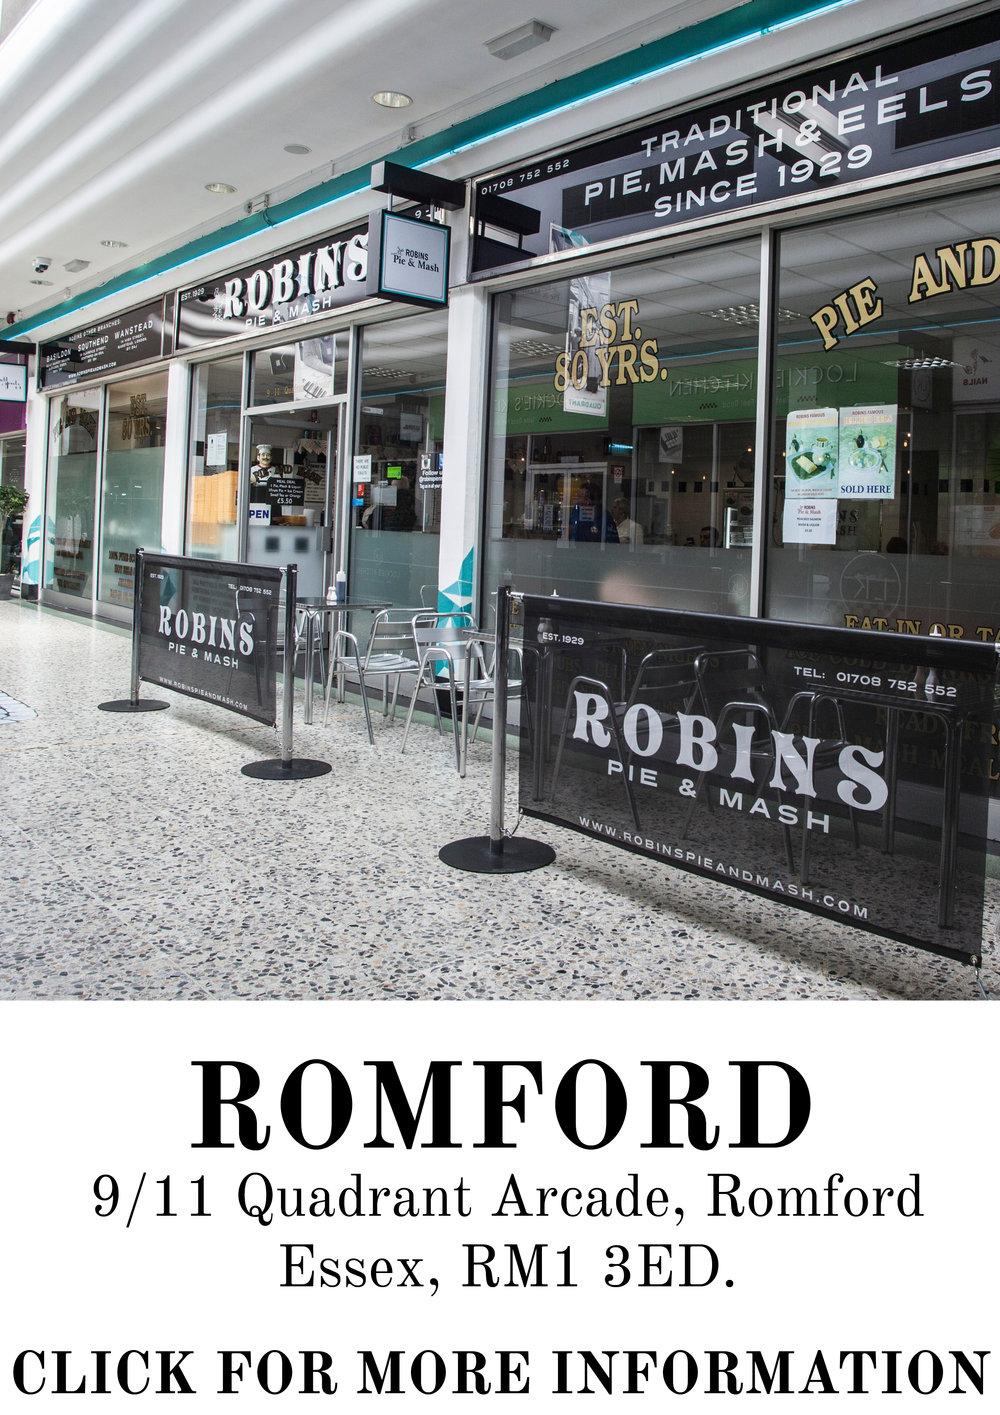 SHOPS - ROMFORD 02.jpg